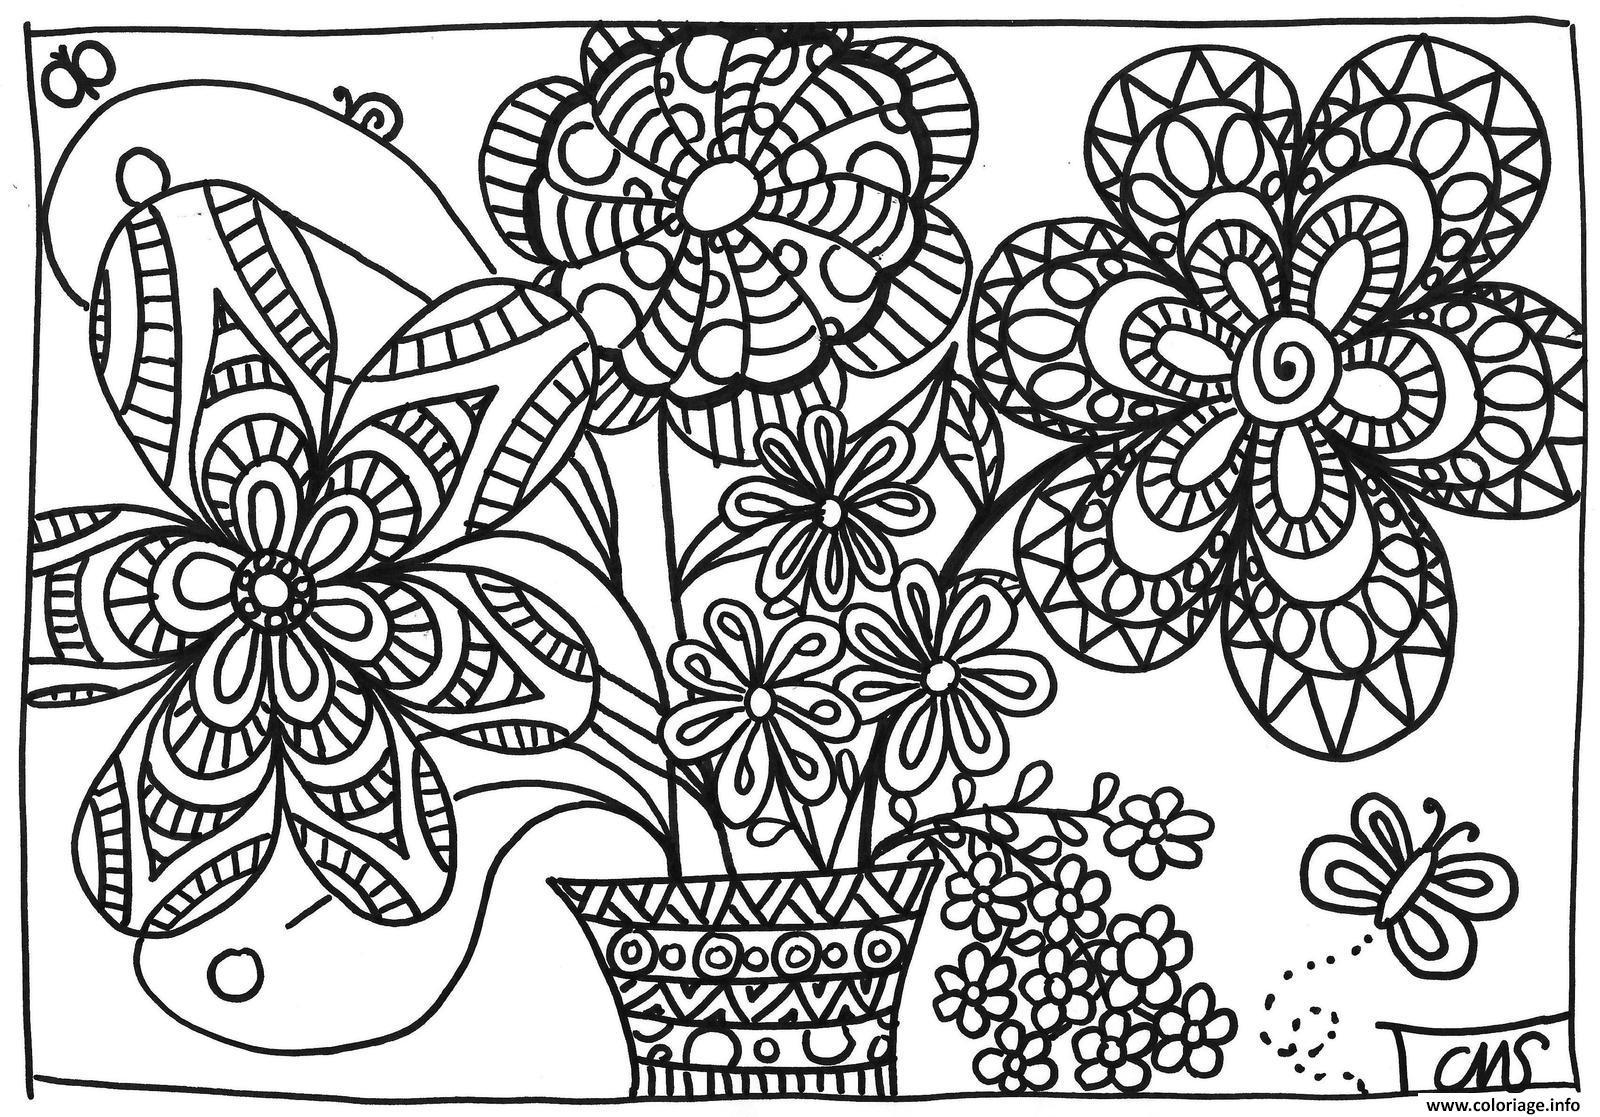 Coloriage De Printemps Maternelle.Coloriage Printemps Fleurs Adulte Dessin